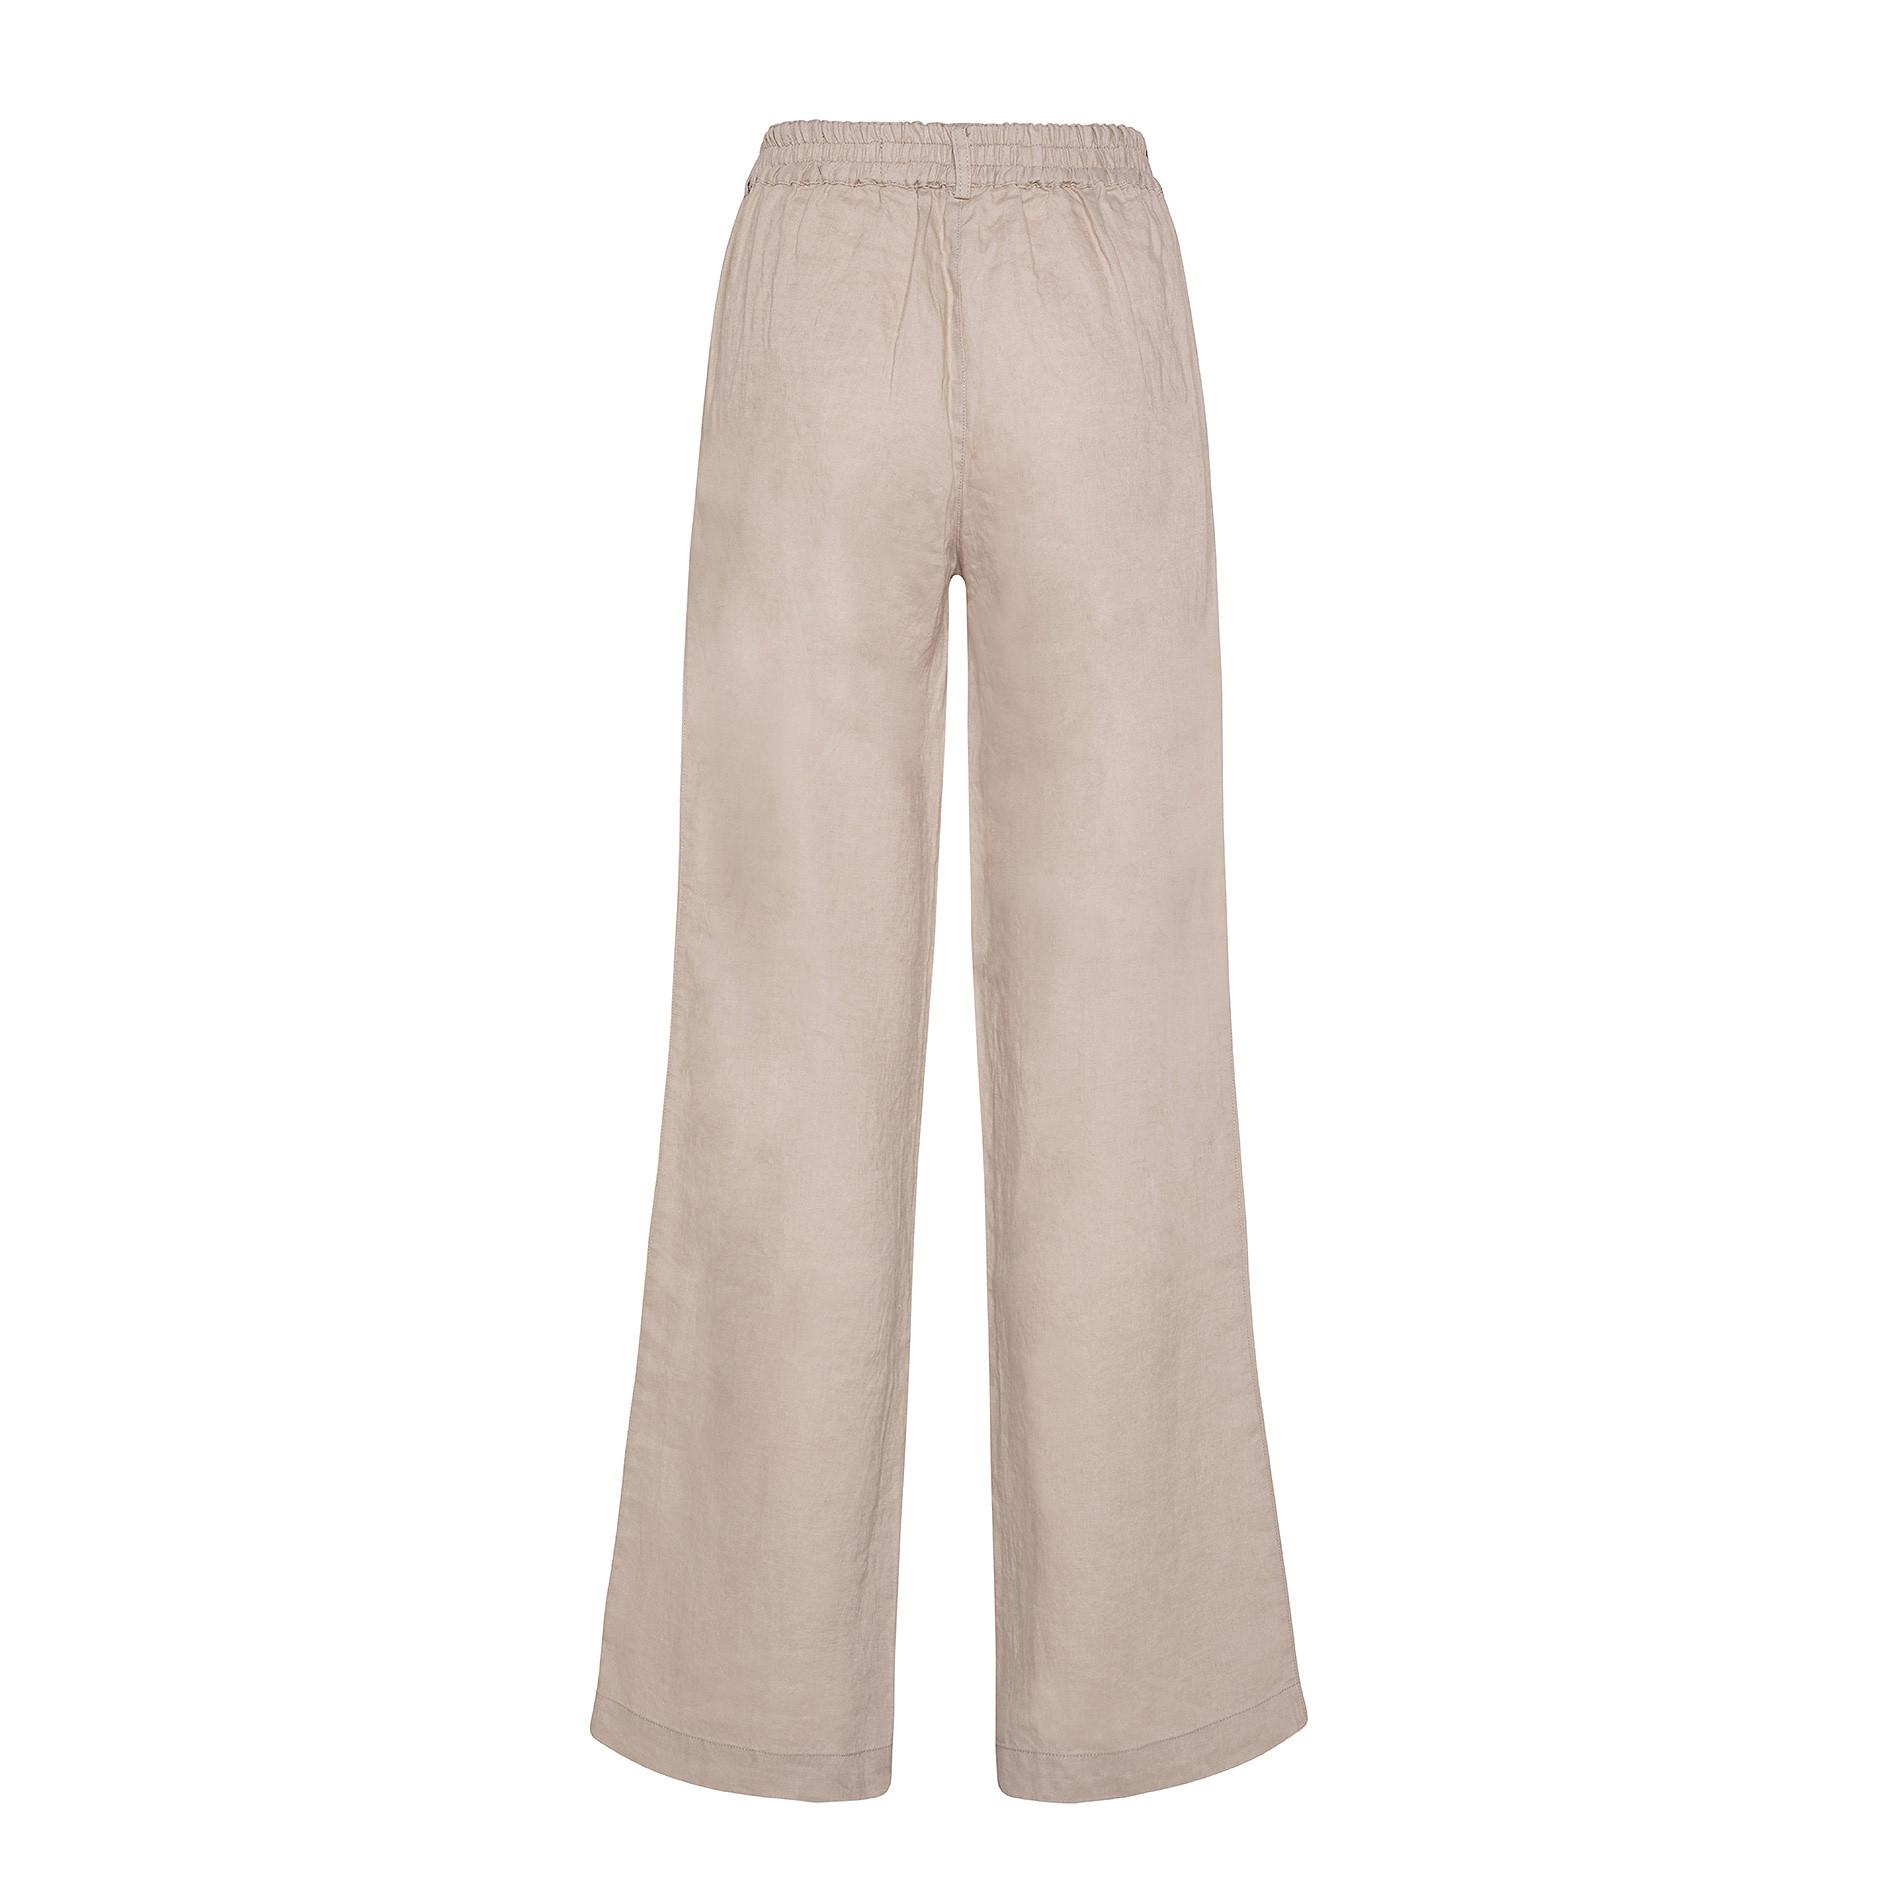 Pantalone morbido 100% lino Koan, Beige, large image number 0